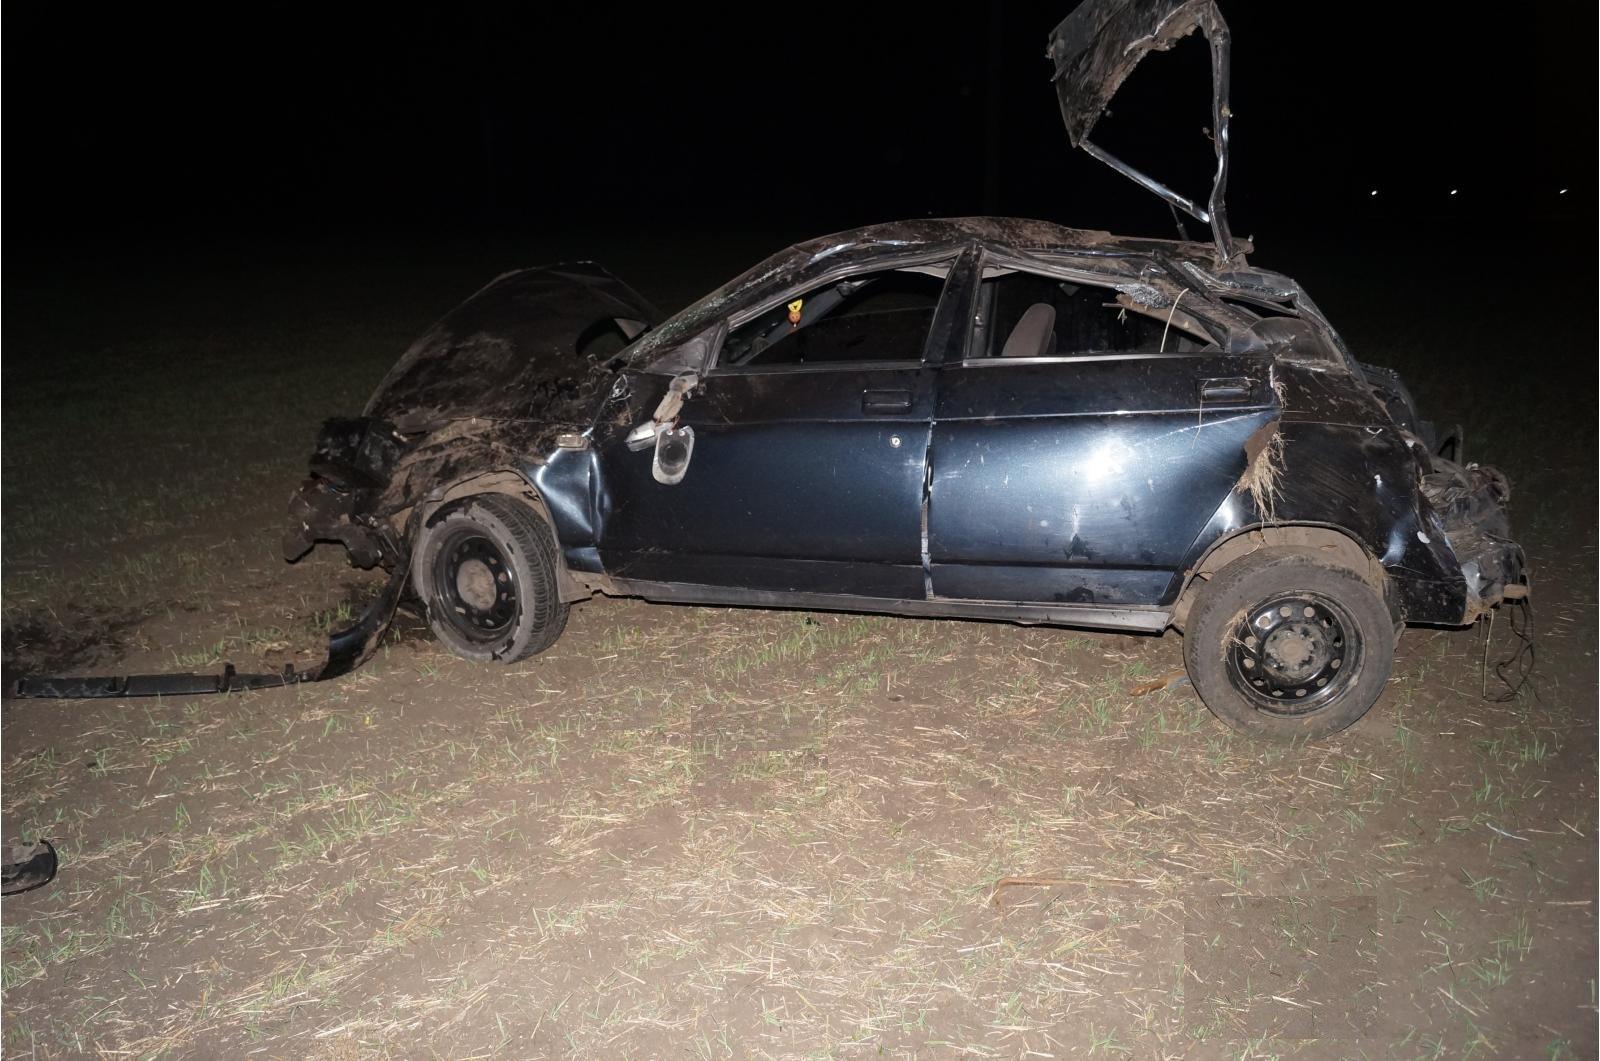 Ночью вКурской области «ВАЗ» опрокинулся вкювет: погибли два человека